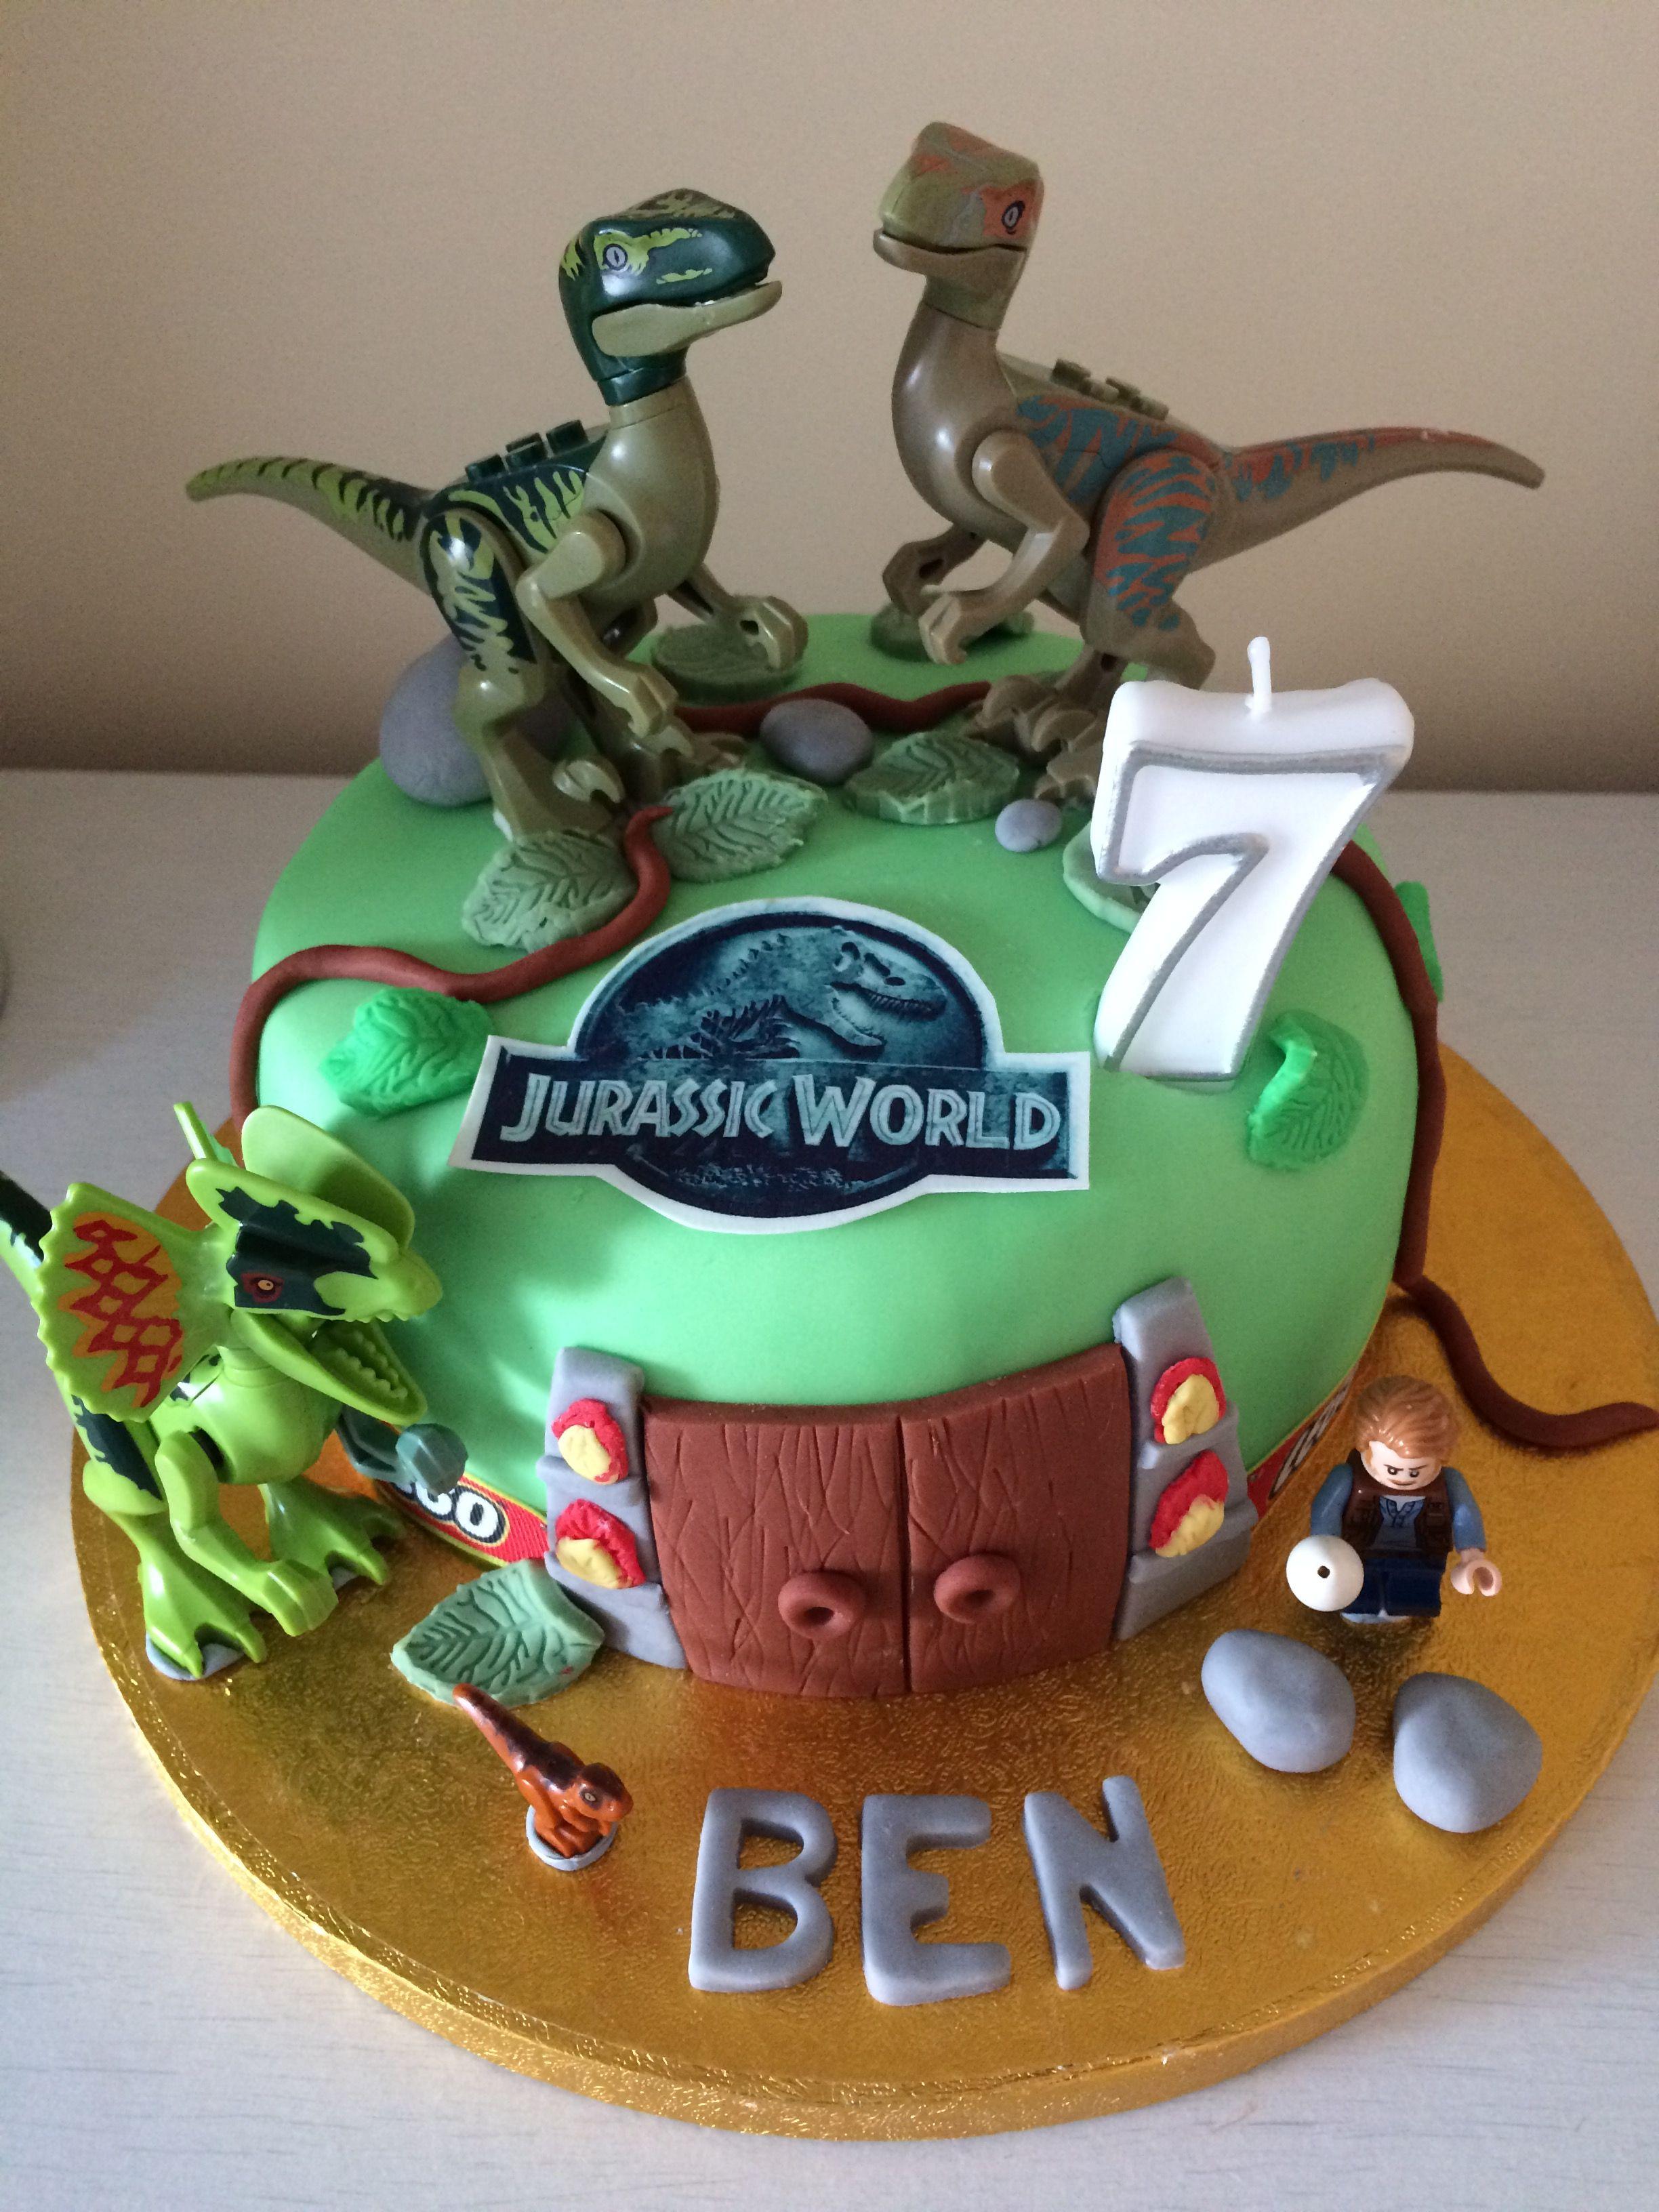 Lego Jurassic World Cake With Images Dinosaur Birthday Cakes